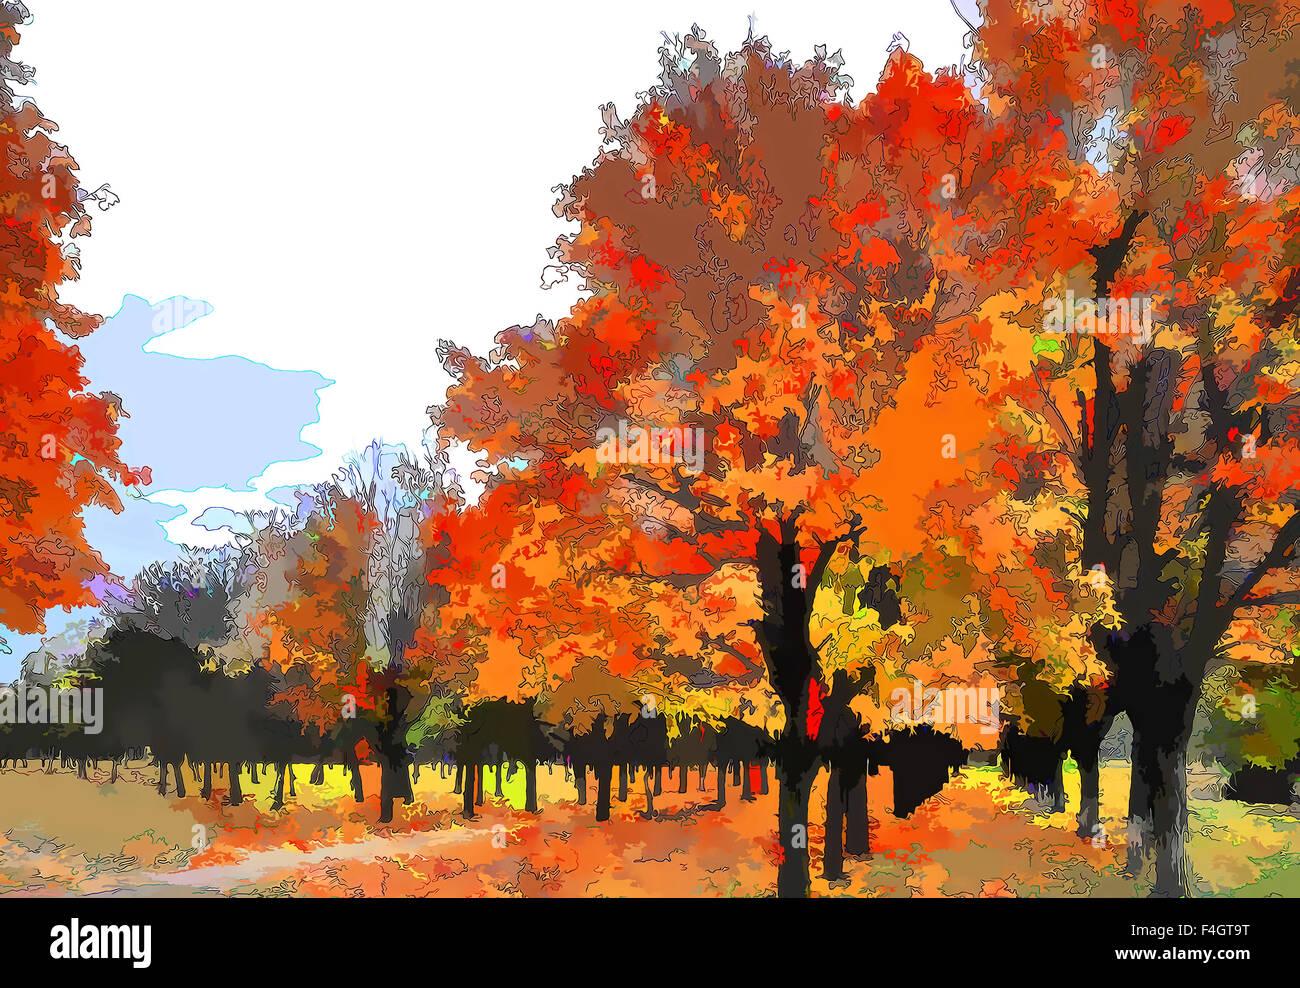 Arte autunno paesaggio come la pittura ad olio. Grunge immagine che mostra gli alberi. Immagini Stock